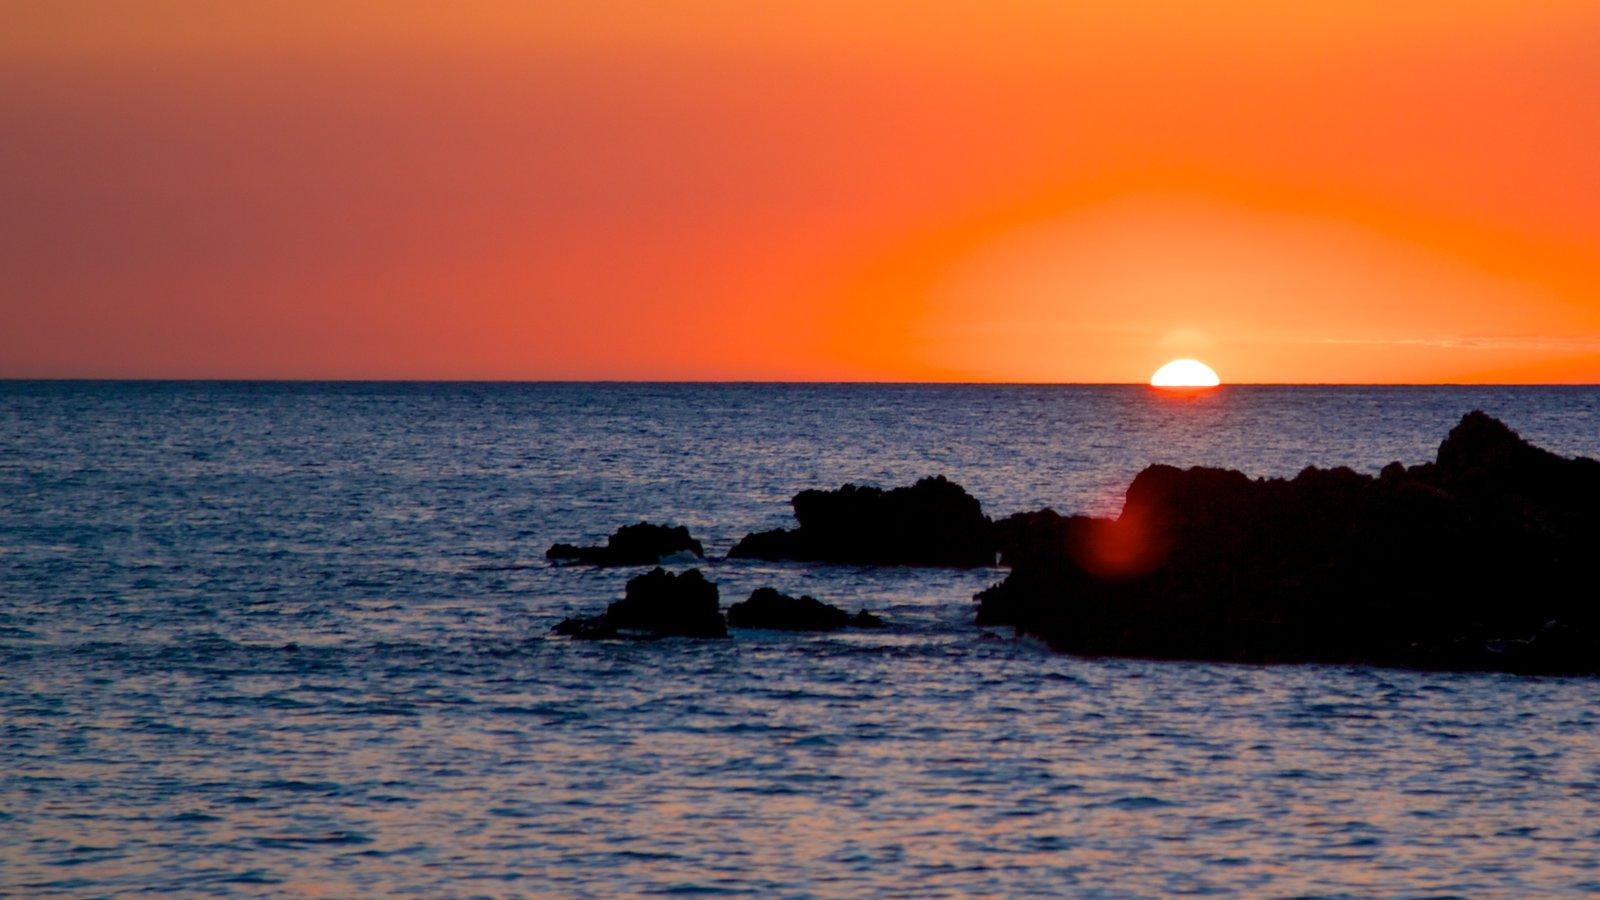 Hapuna Beach State Park mostrando vistas generales de la costa y una puesta de sol